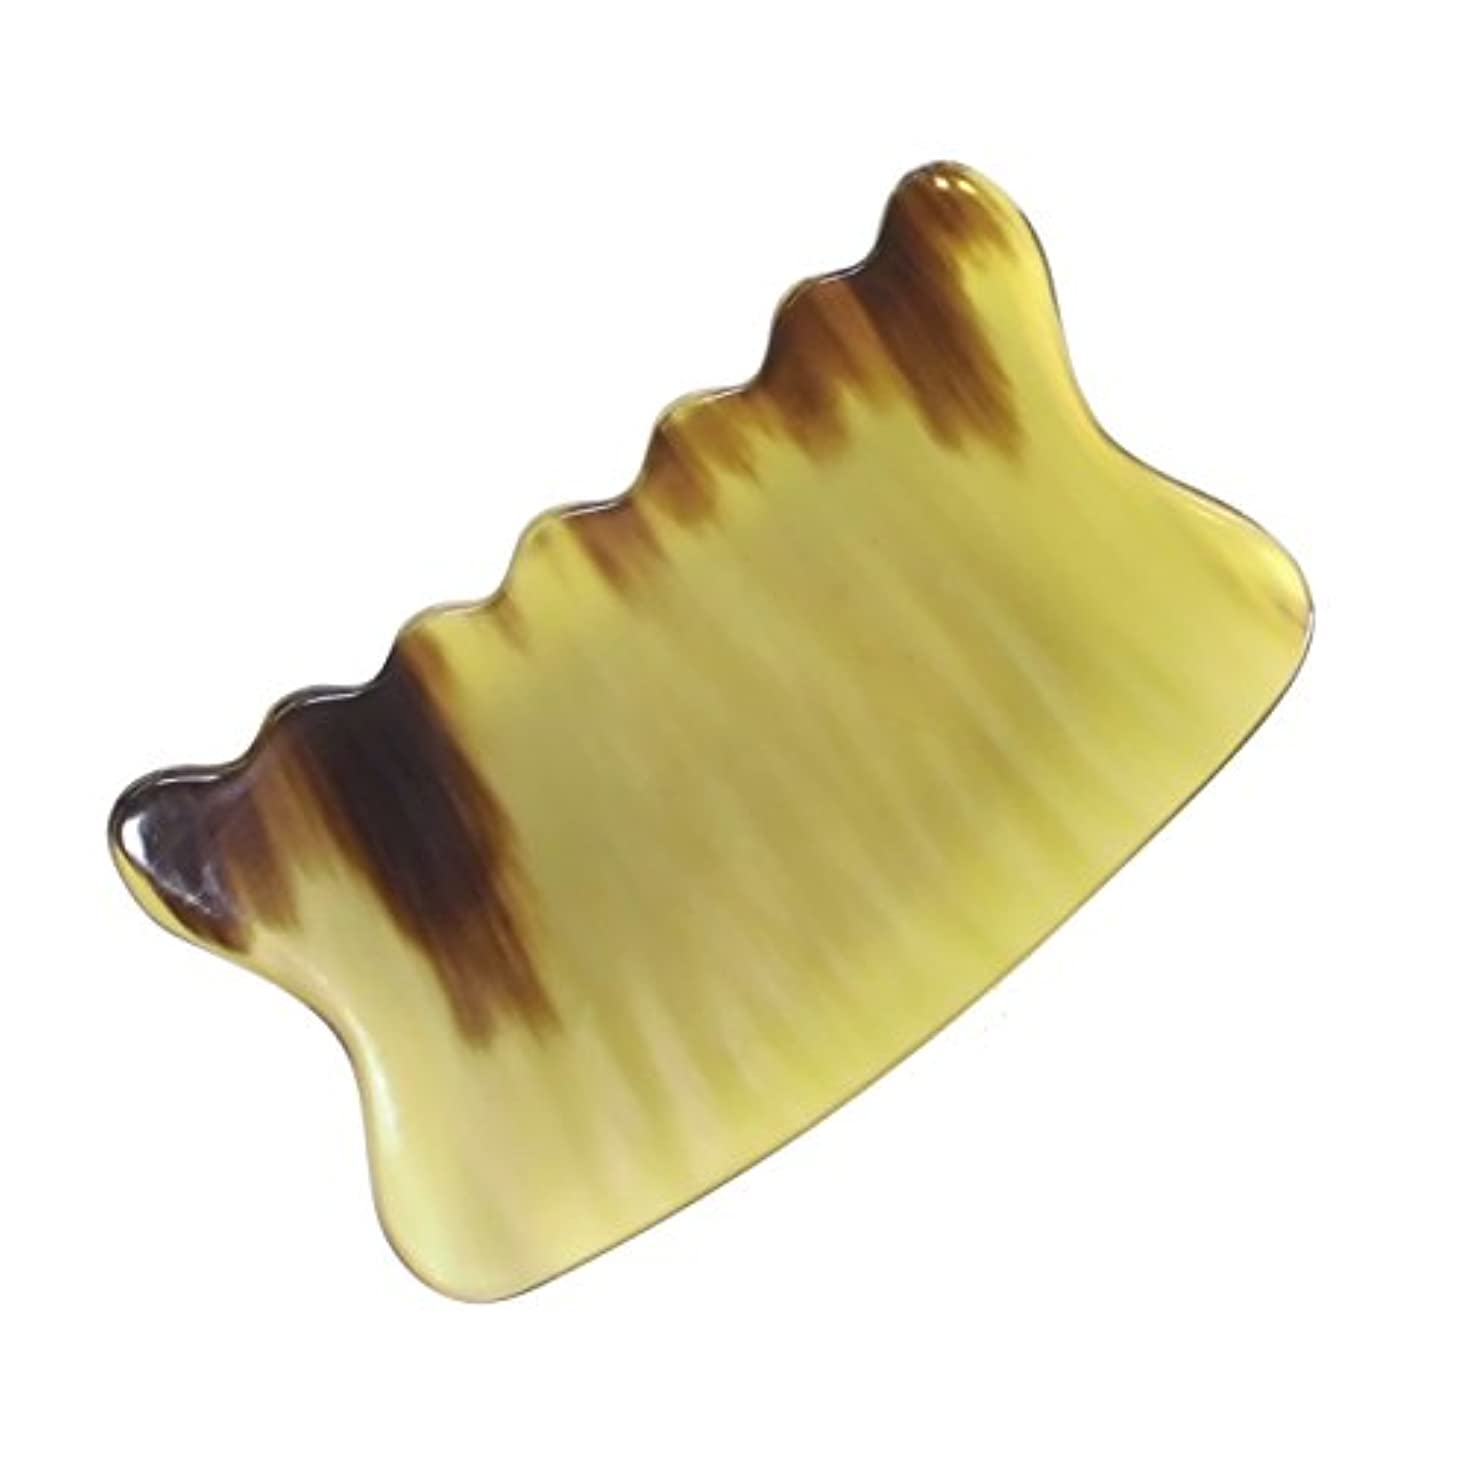 バランス止まるライオネルグリーンストリートかっさ プレート 希少69 黄水牛角 極美品 曲波型